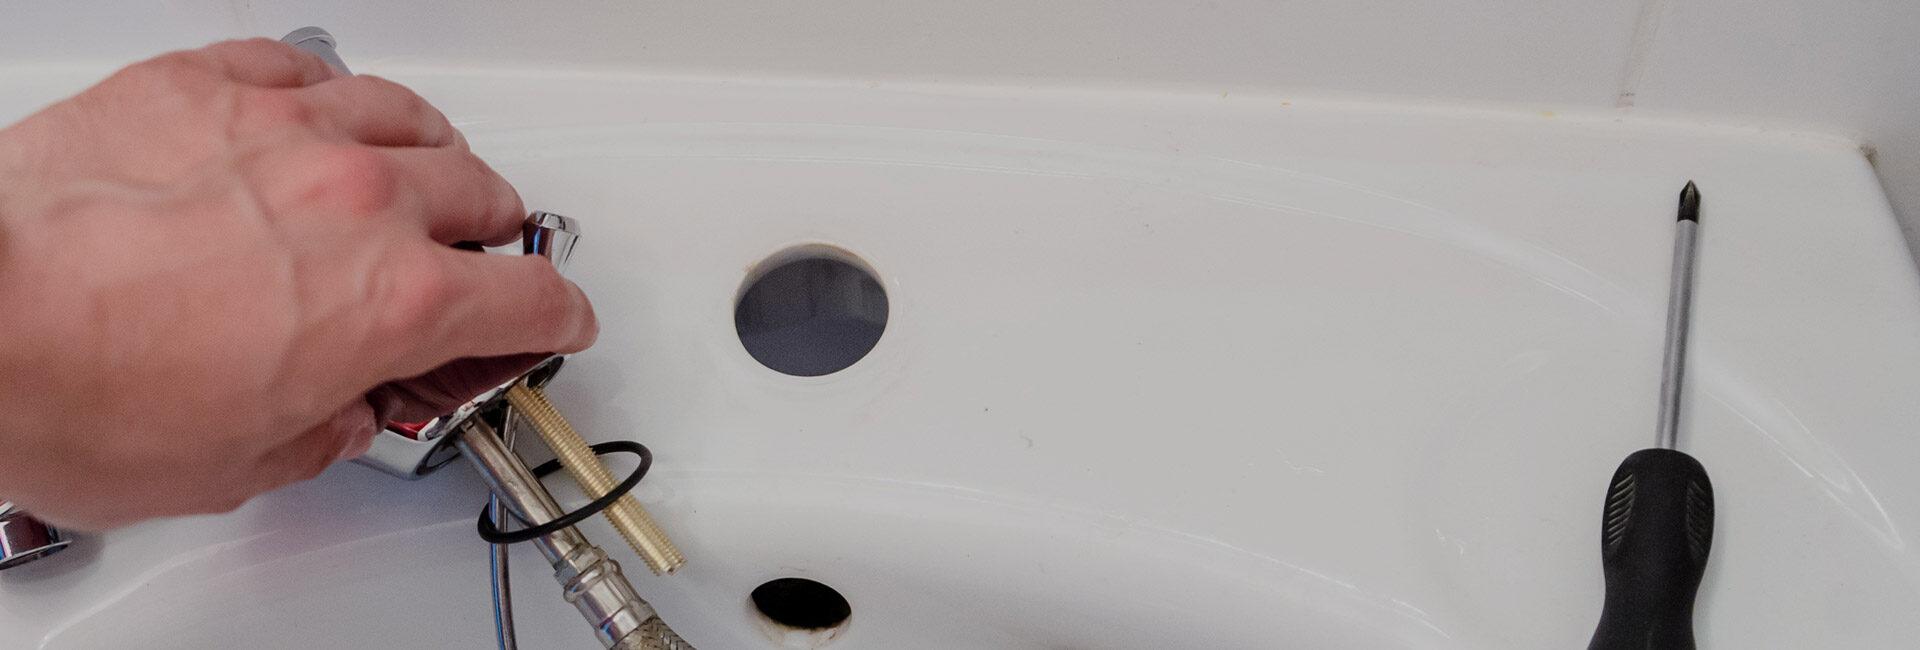 réparation en plomberie